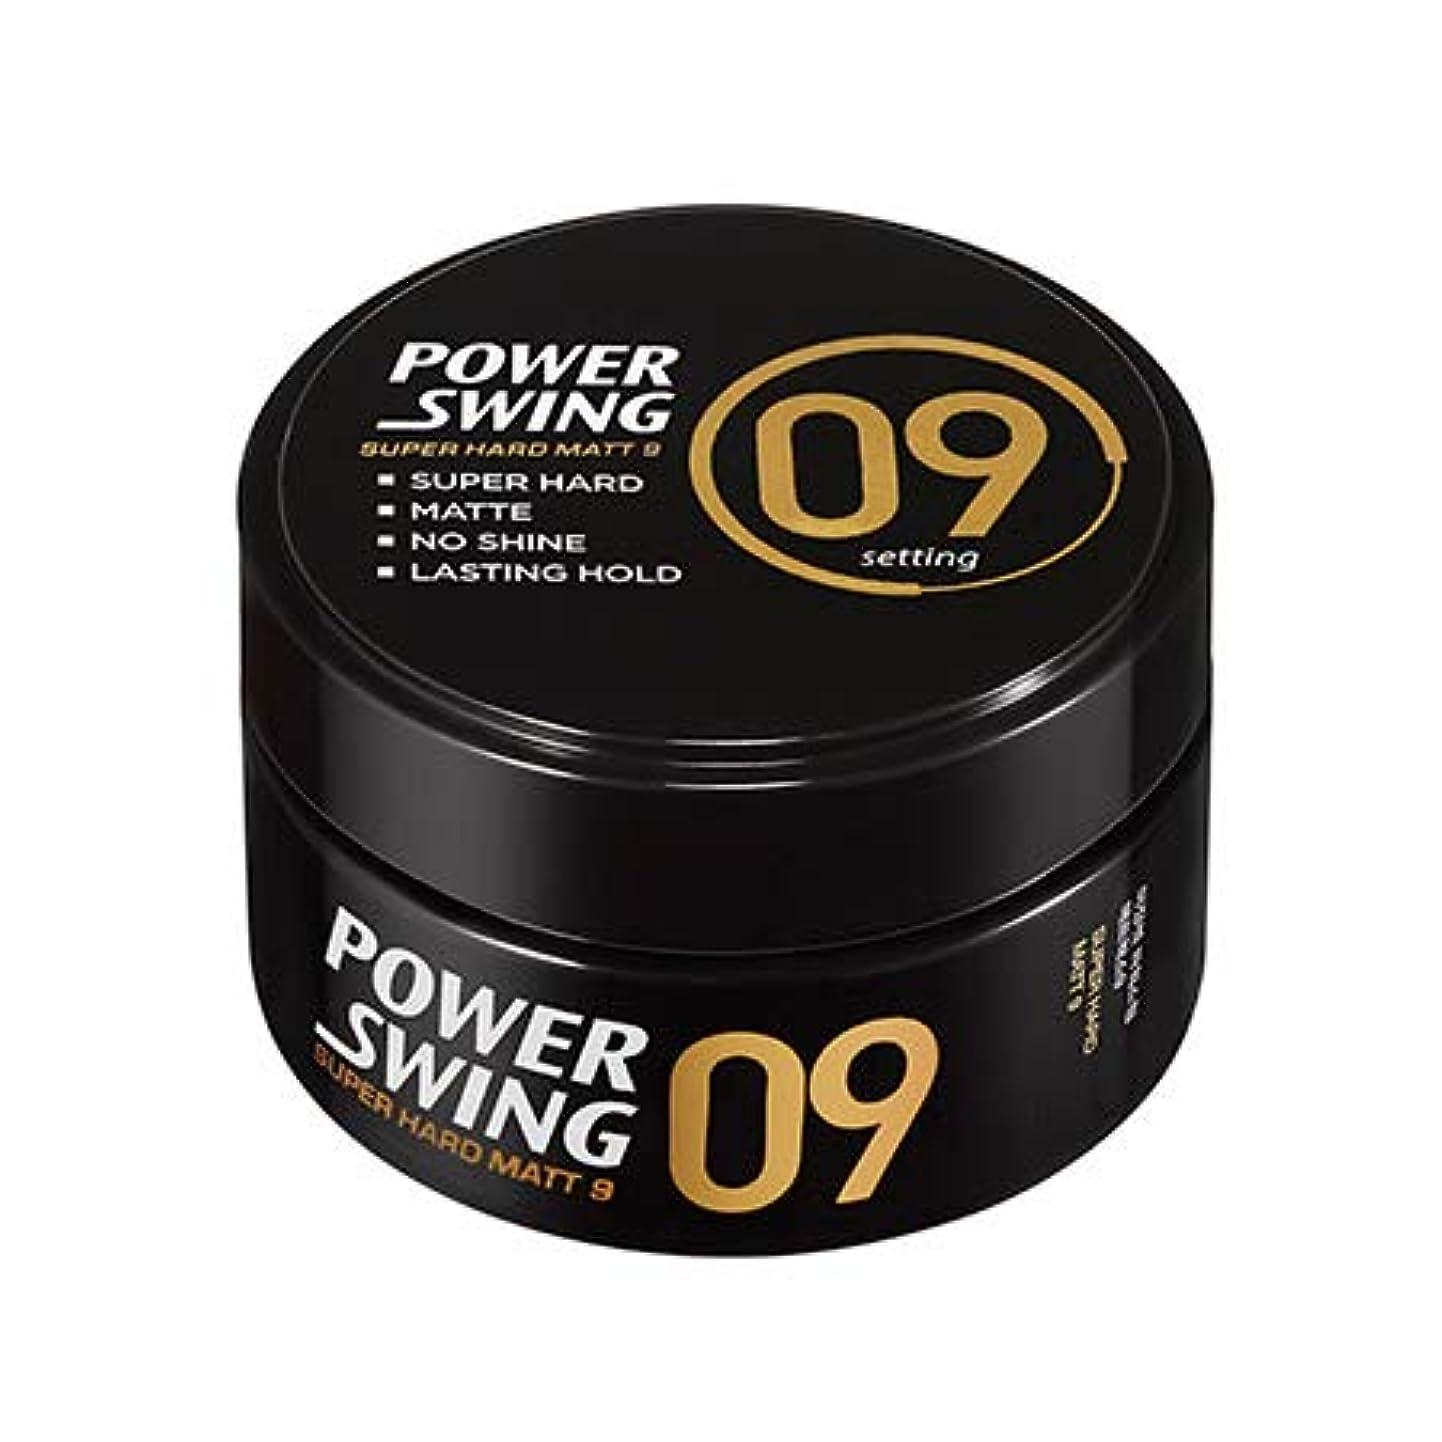 成人期水分に対処する[ミジャンセン.miseenscene]パワースイングマットワックス9(80g)/ power swing matte wax